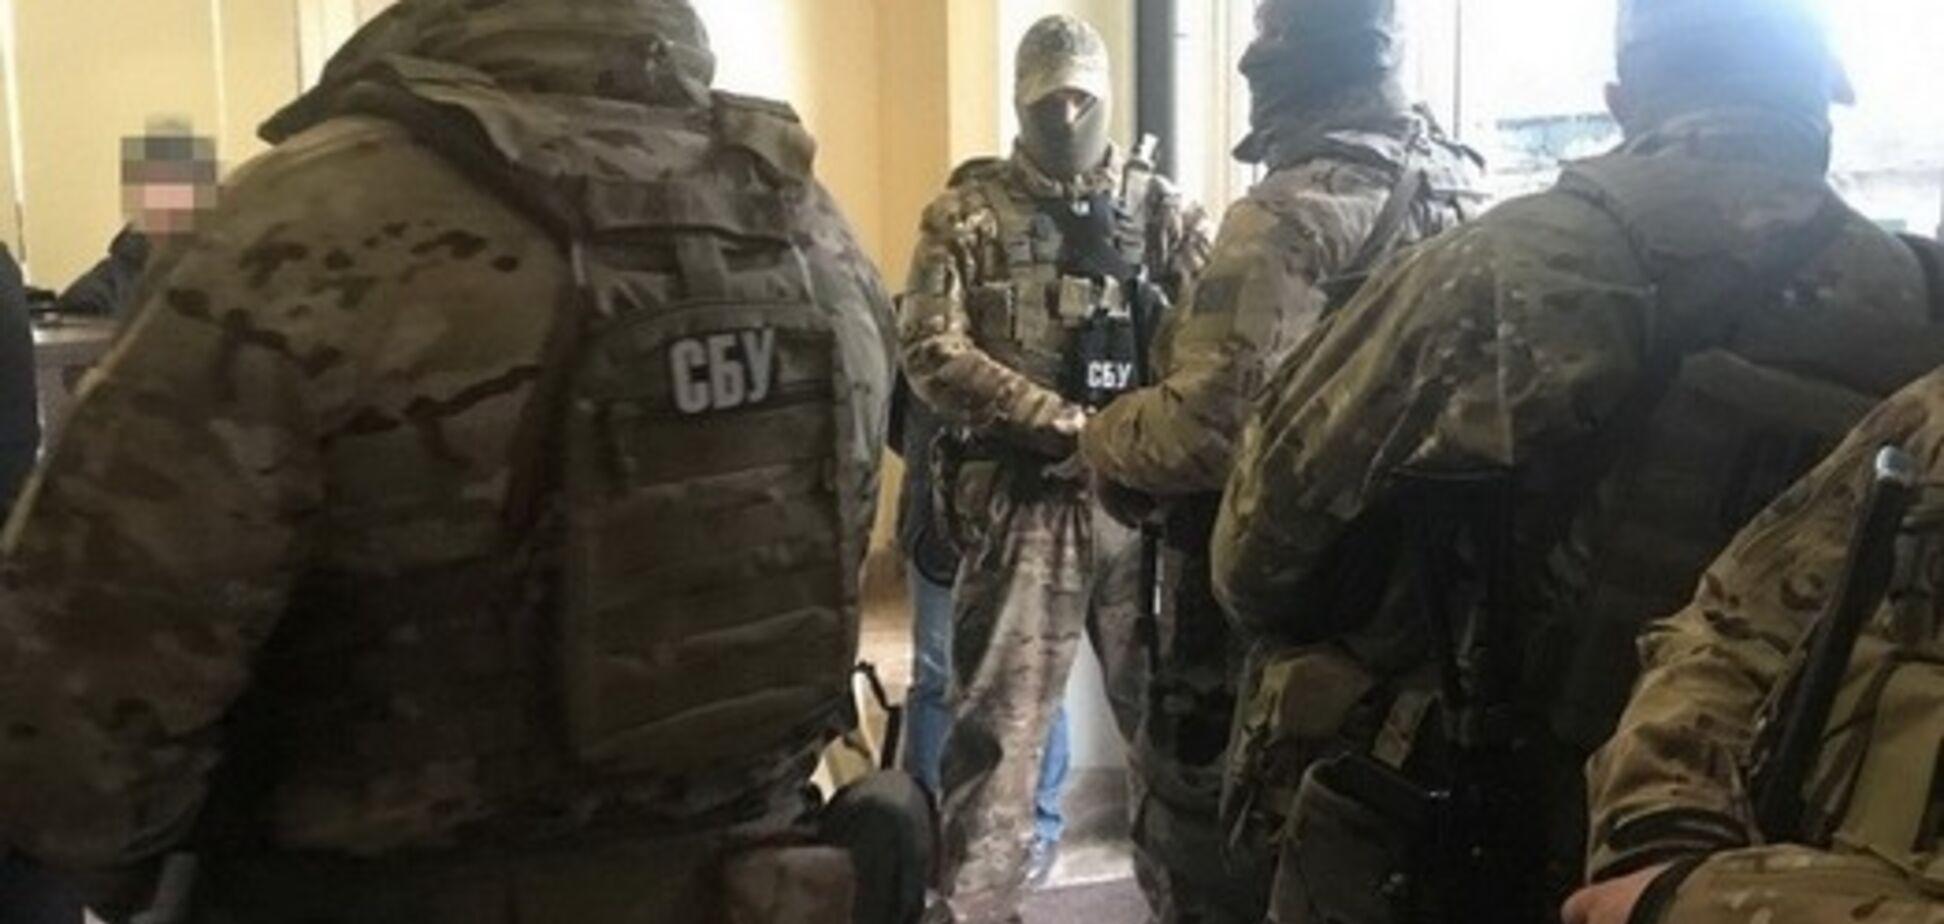 Обыски в Одессе связаны с финансированием 'Л/ДНР'